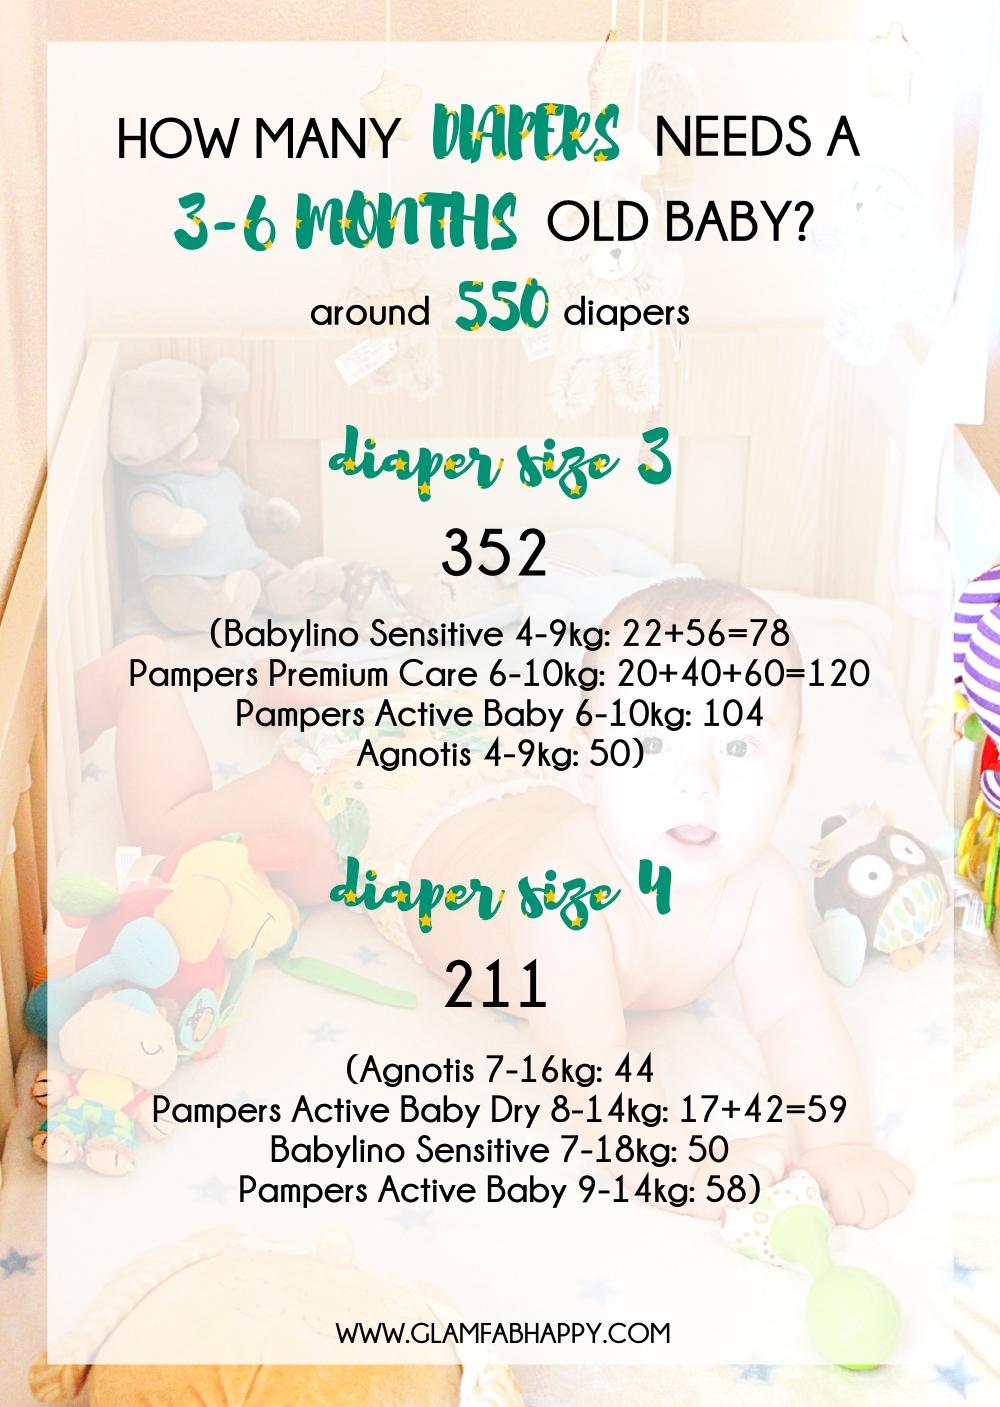 best baby diapers/nappies; koliko pelena treba bebi 3-6 meseci staroj; najbolje pelene za bebe. Agnotis nappies diapers.